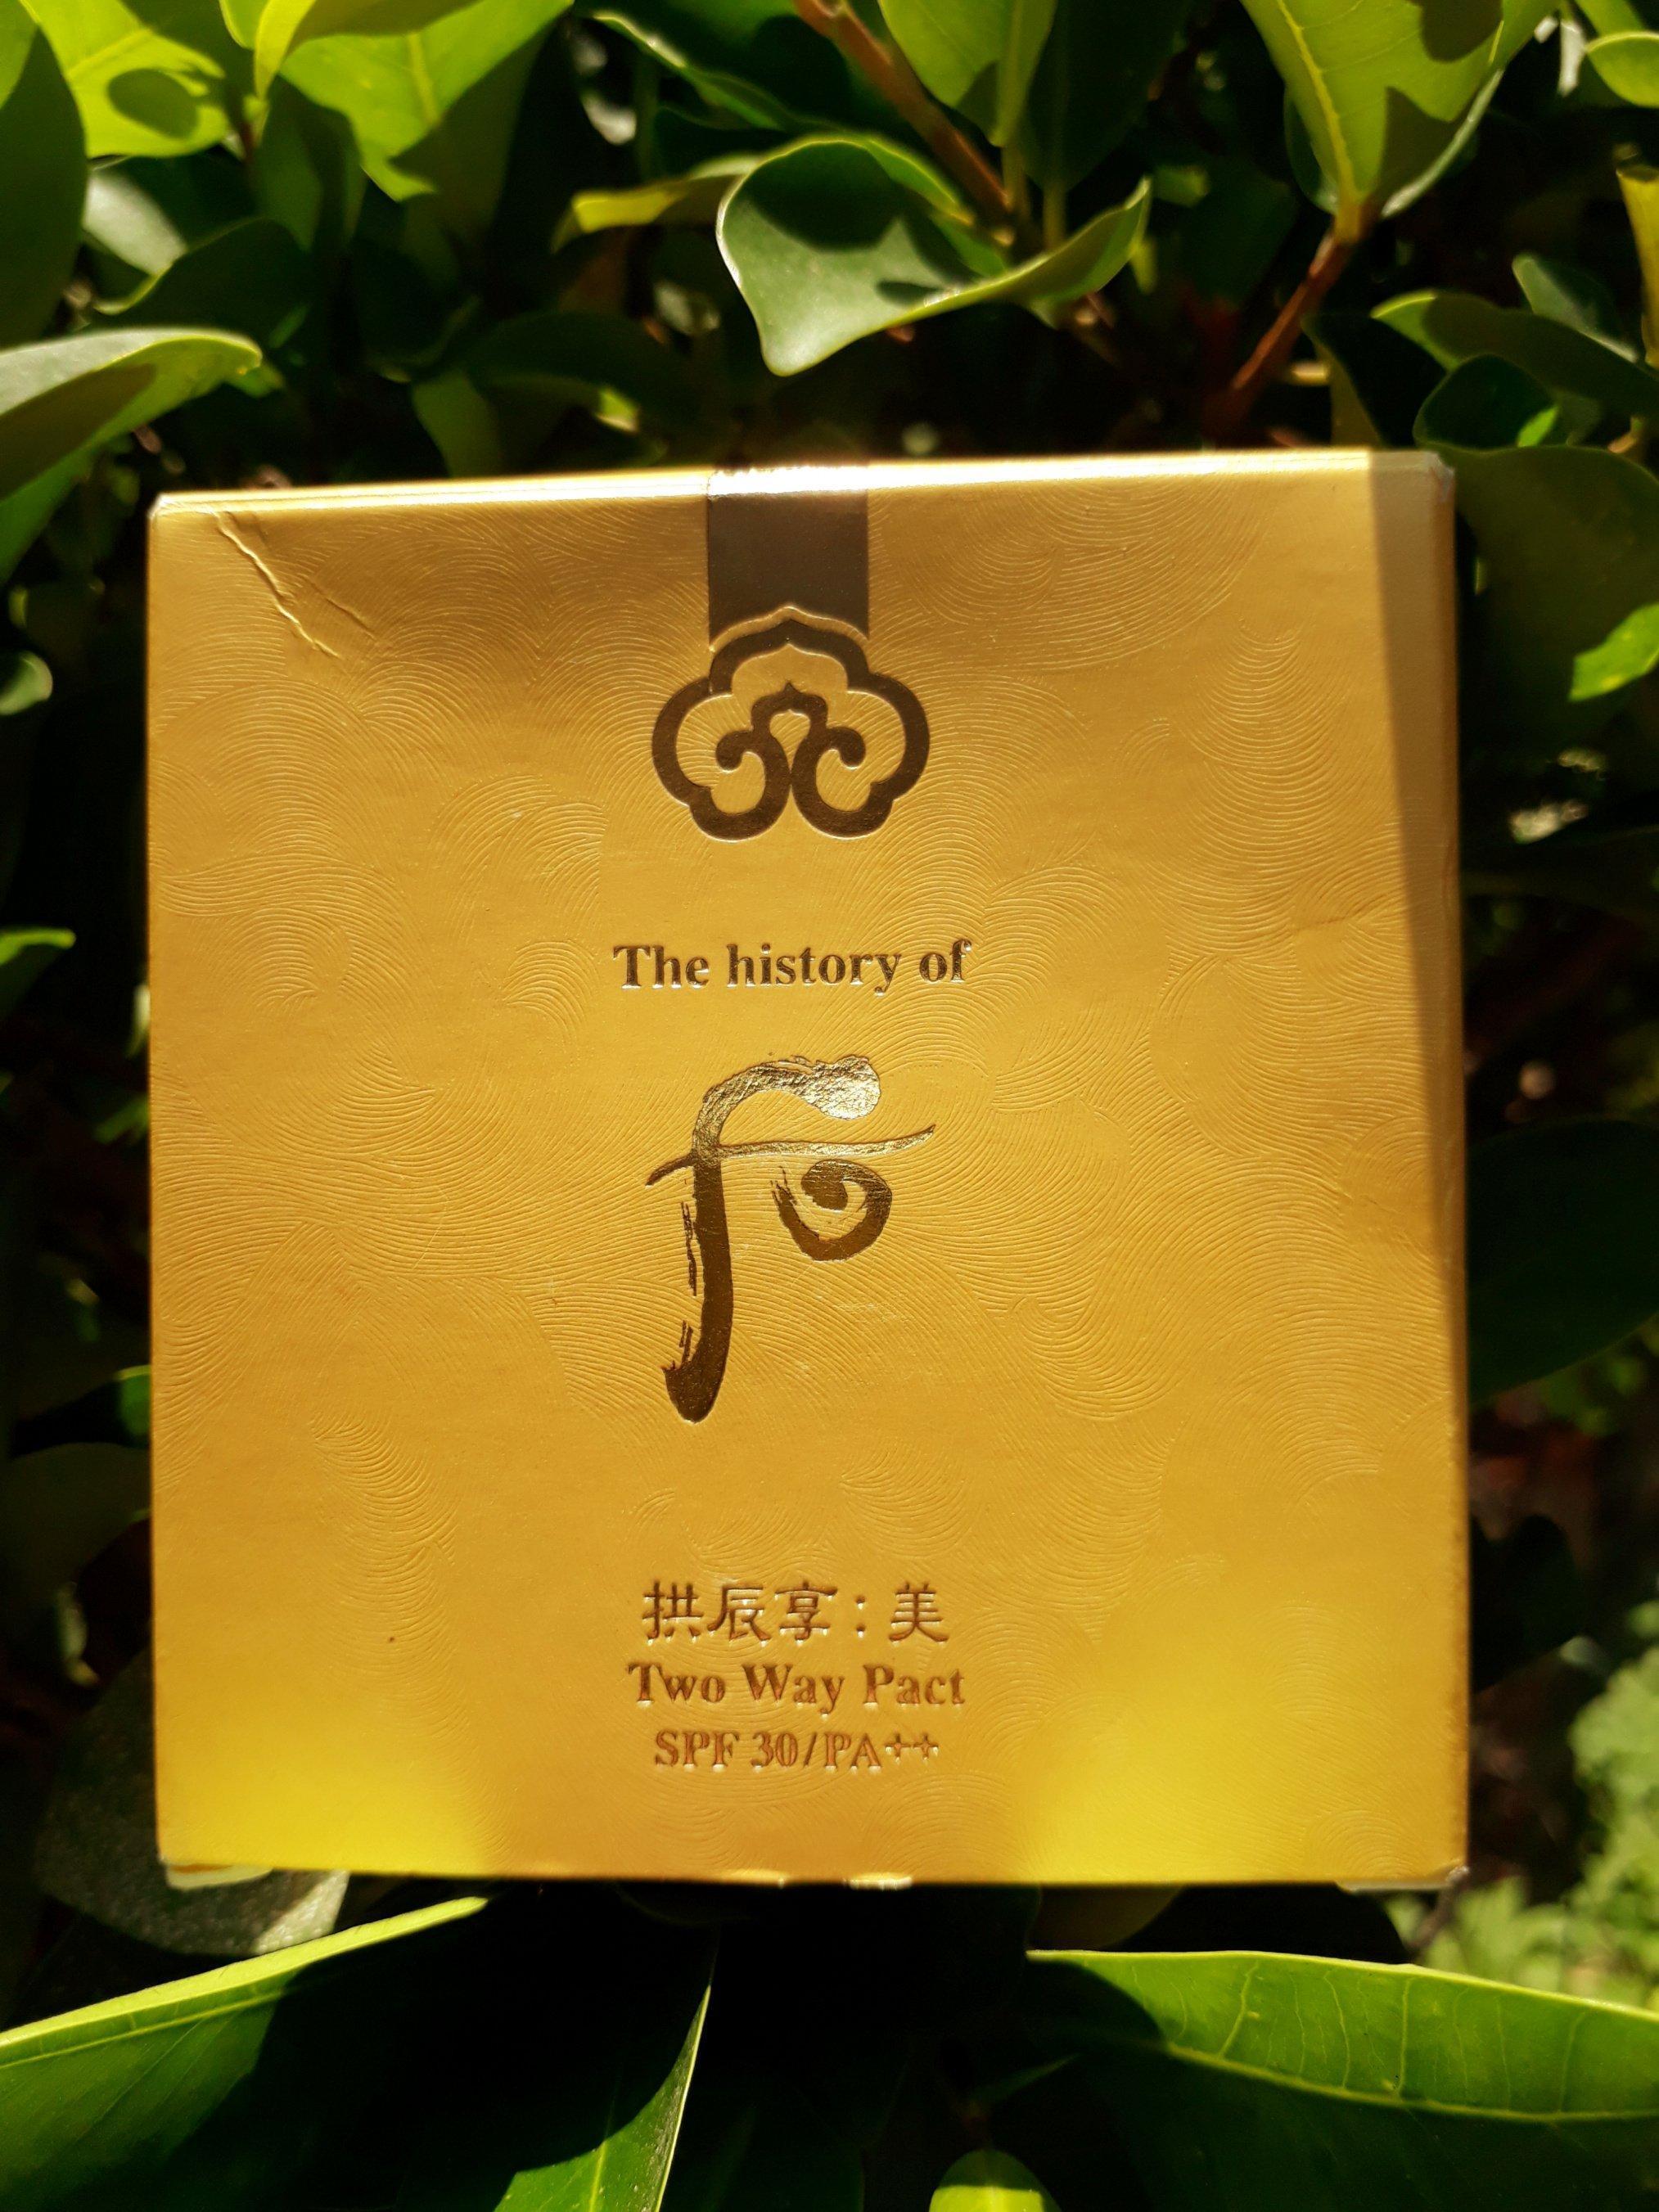 Vỏ hộp được in vô số các vân hoa đan xen vào nhau thật đẹp mắt (ảnh: BlogAnChoi).